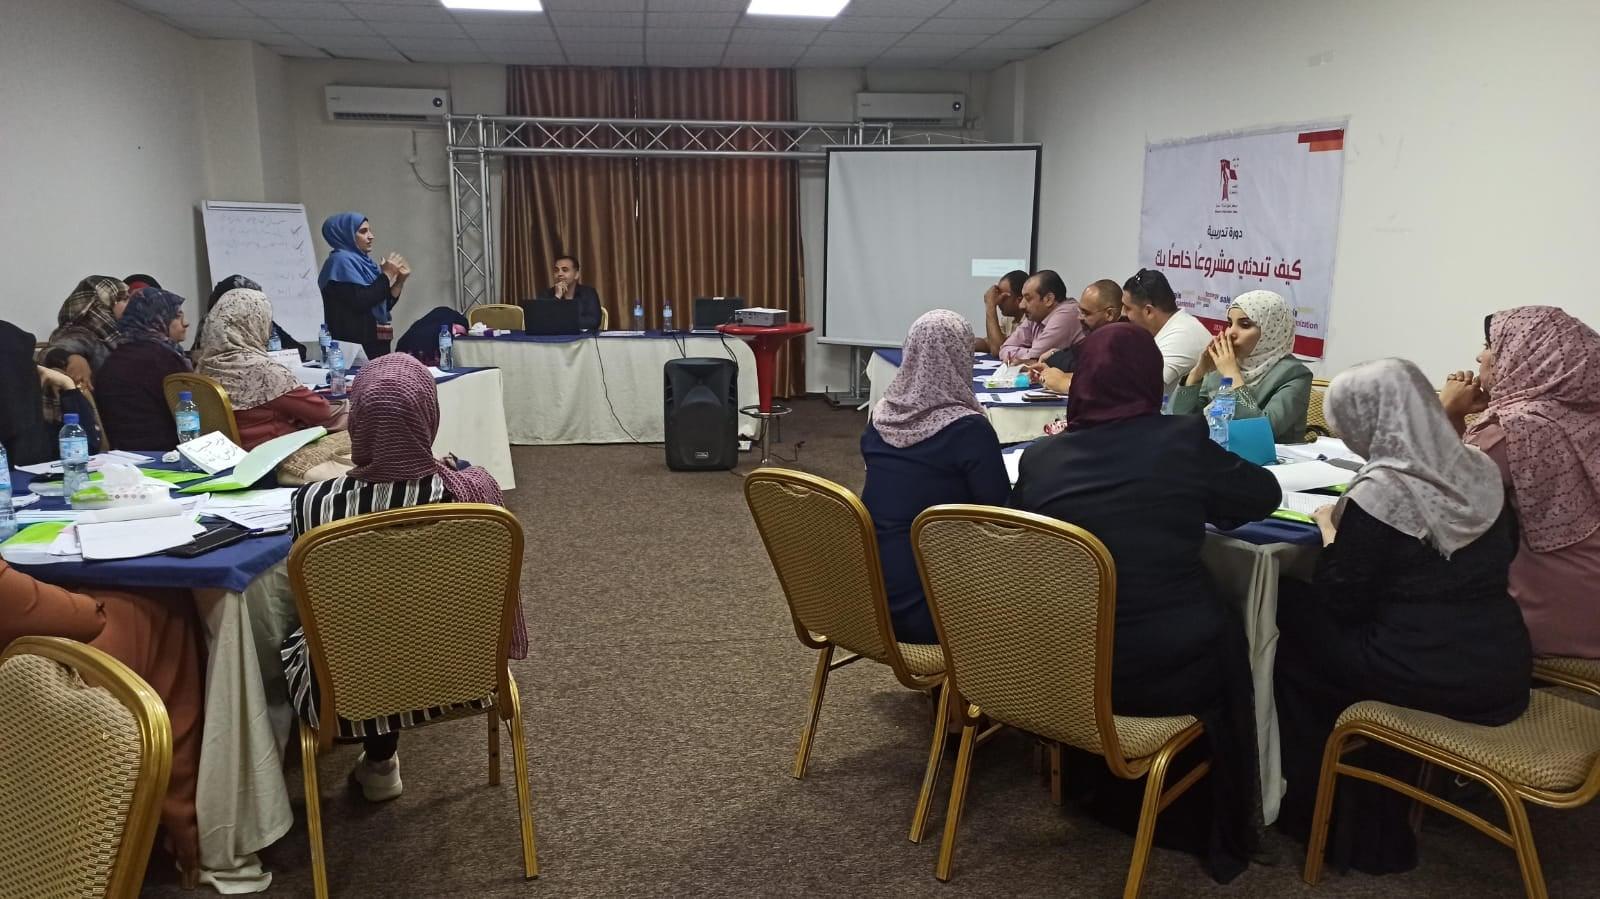 مركز شؤون المرأة يعقد تدريبين حول إدارة المشاريع الصغيرة